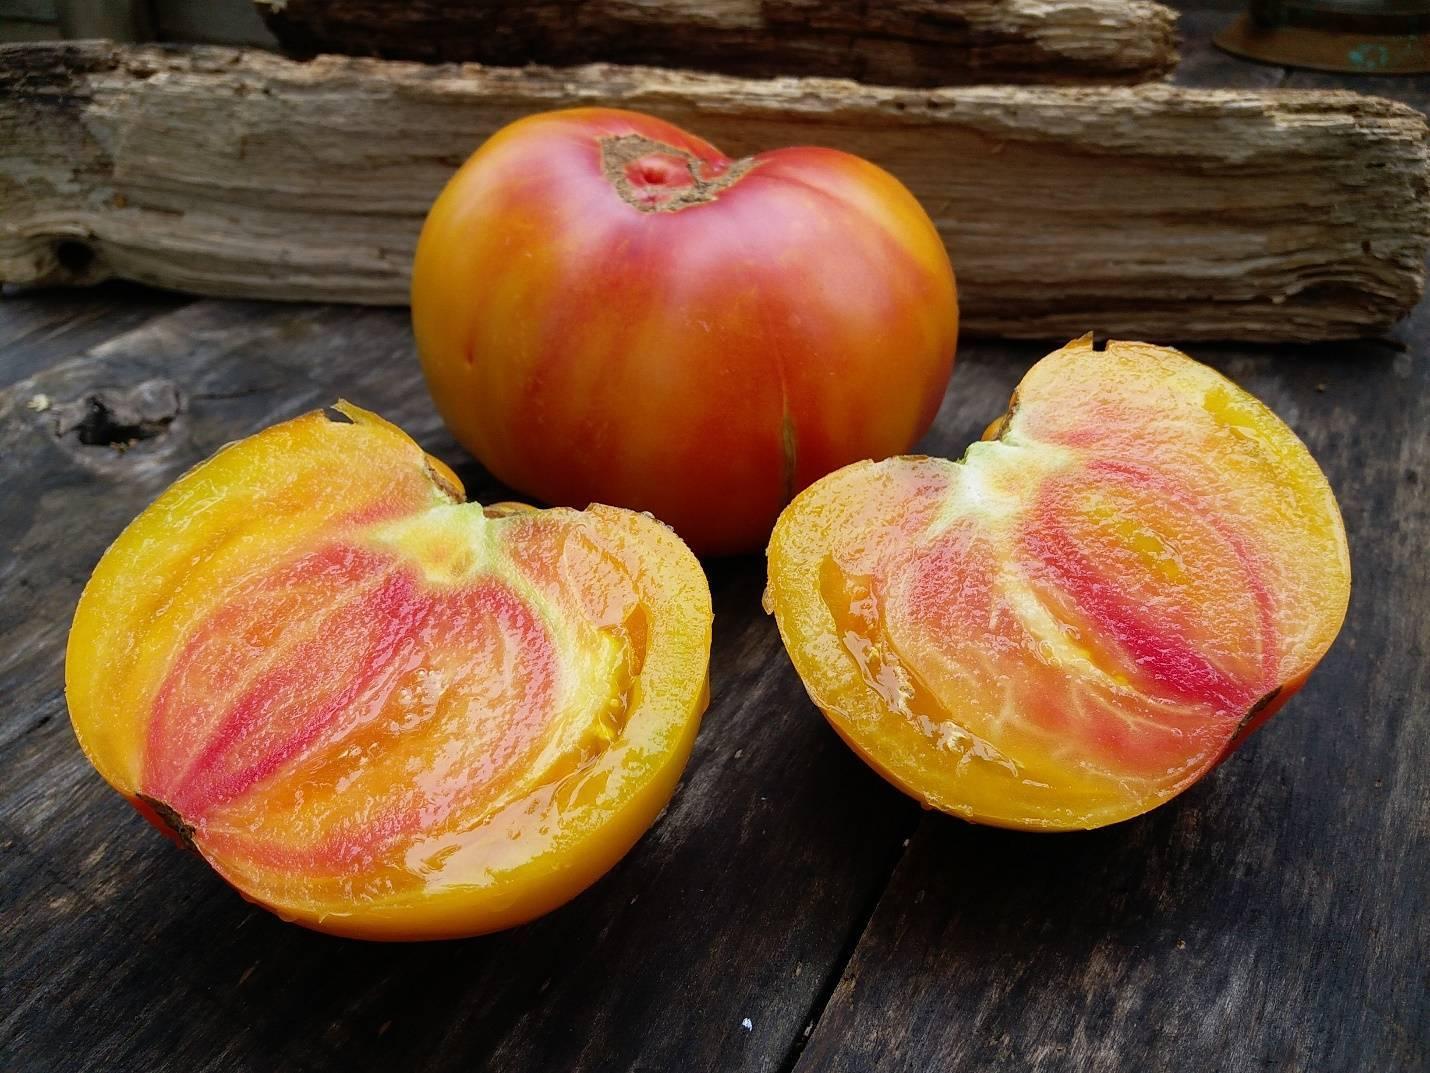 Диетический сорт томата «медово сахарный»: описание помидор, особенности выращивания, правильное хранение и борьба с вредителями